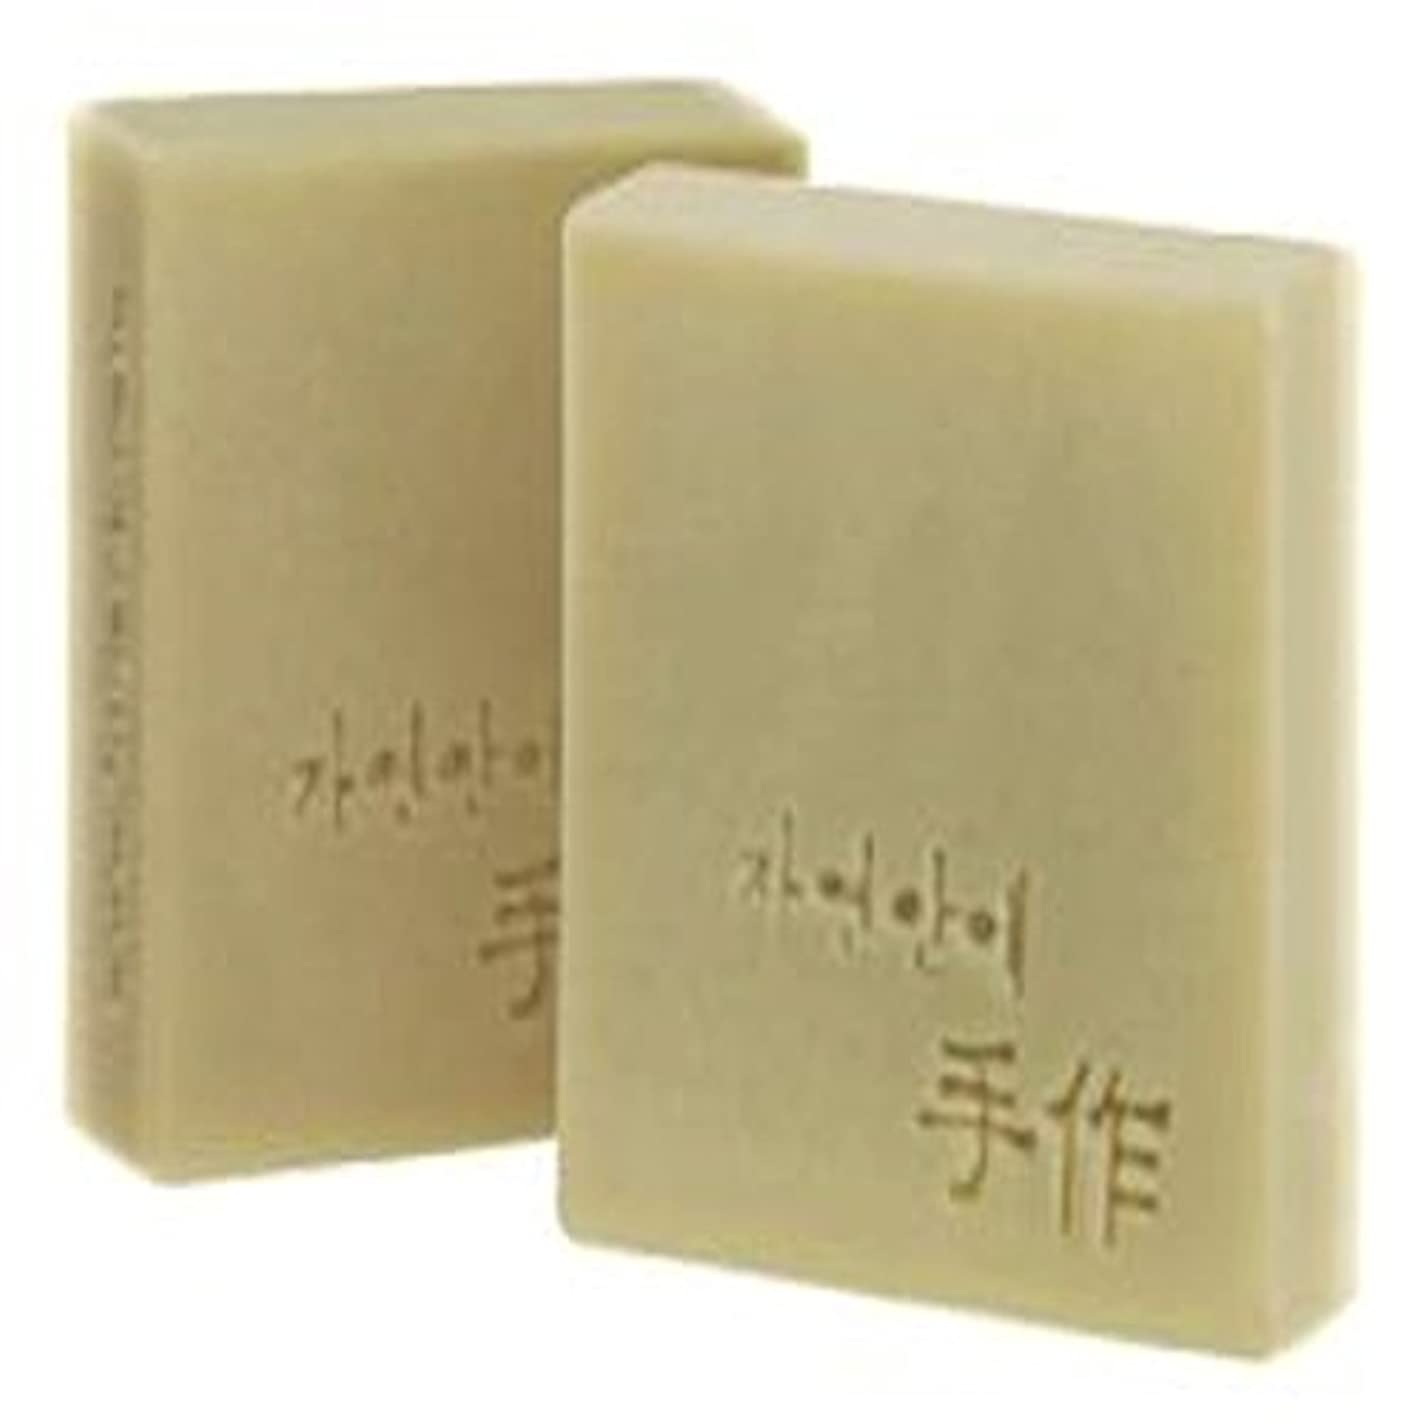 変更可能望ましいつまずくNatural organic 有機天然ソープ 固形 無添加 洗顔せっけん [並行輸入品] (晋州)